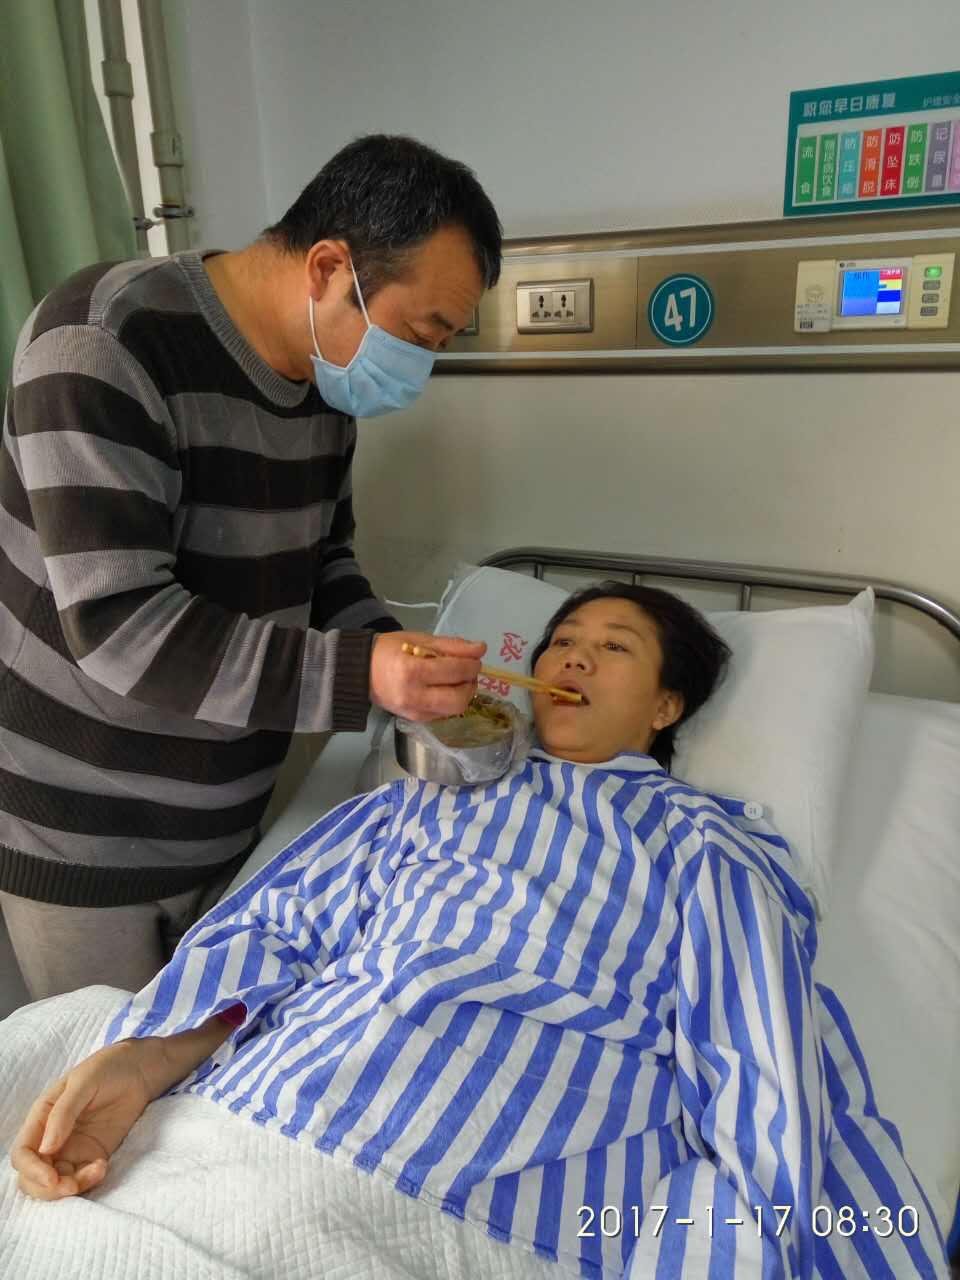 1月17日,换肾手术十天后,张忠祥在医院照顾妻子。新华社发